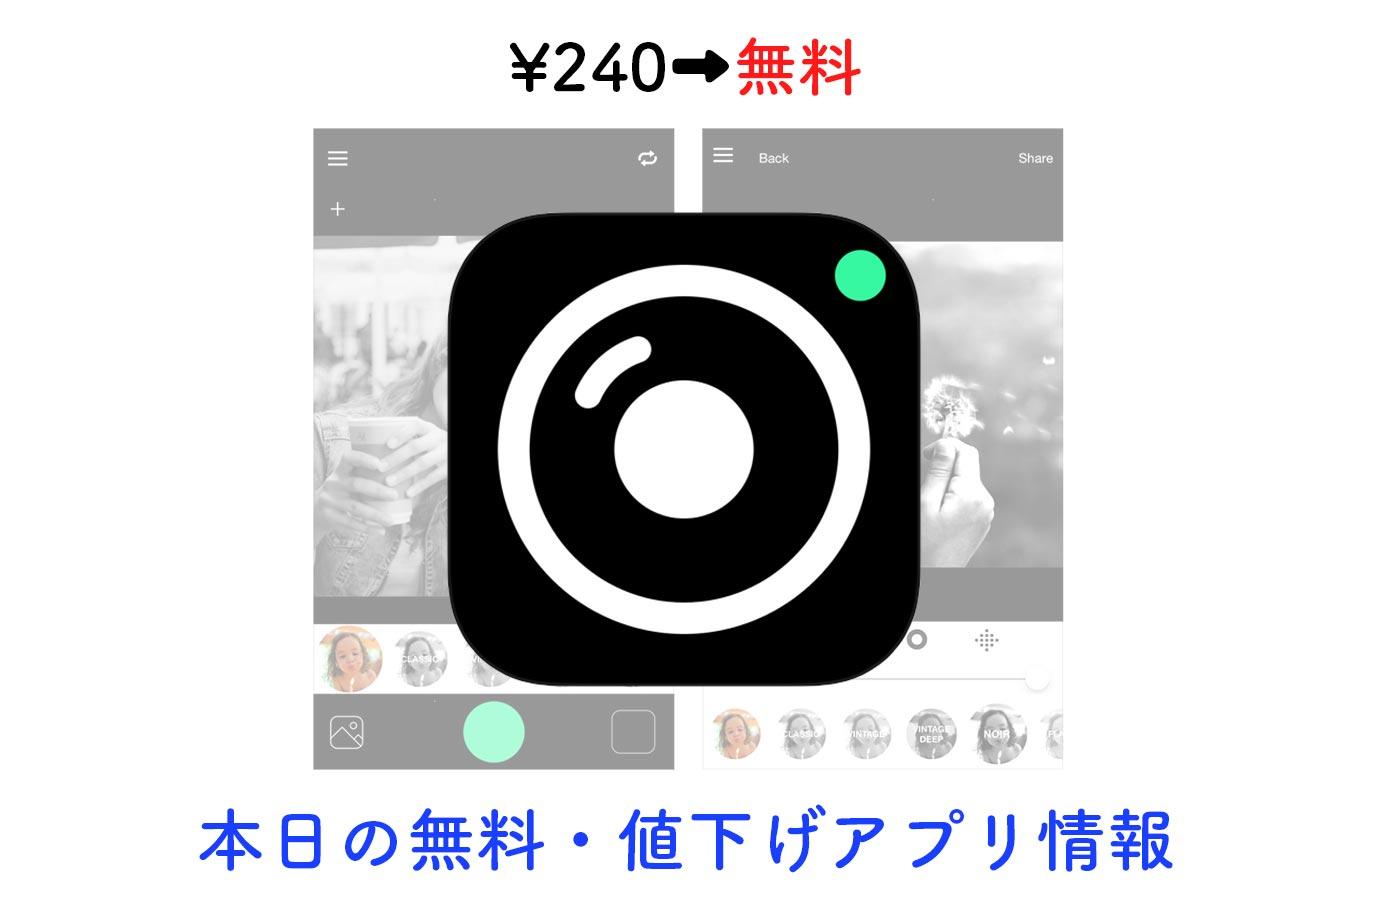 ¥240→無料、モノクロ写真がキレイに撮影できる「BlackCam」など【12/16】本日の無料・値下げアプリ情報